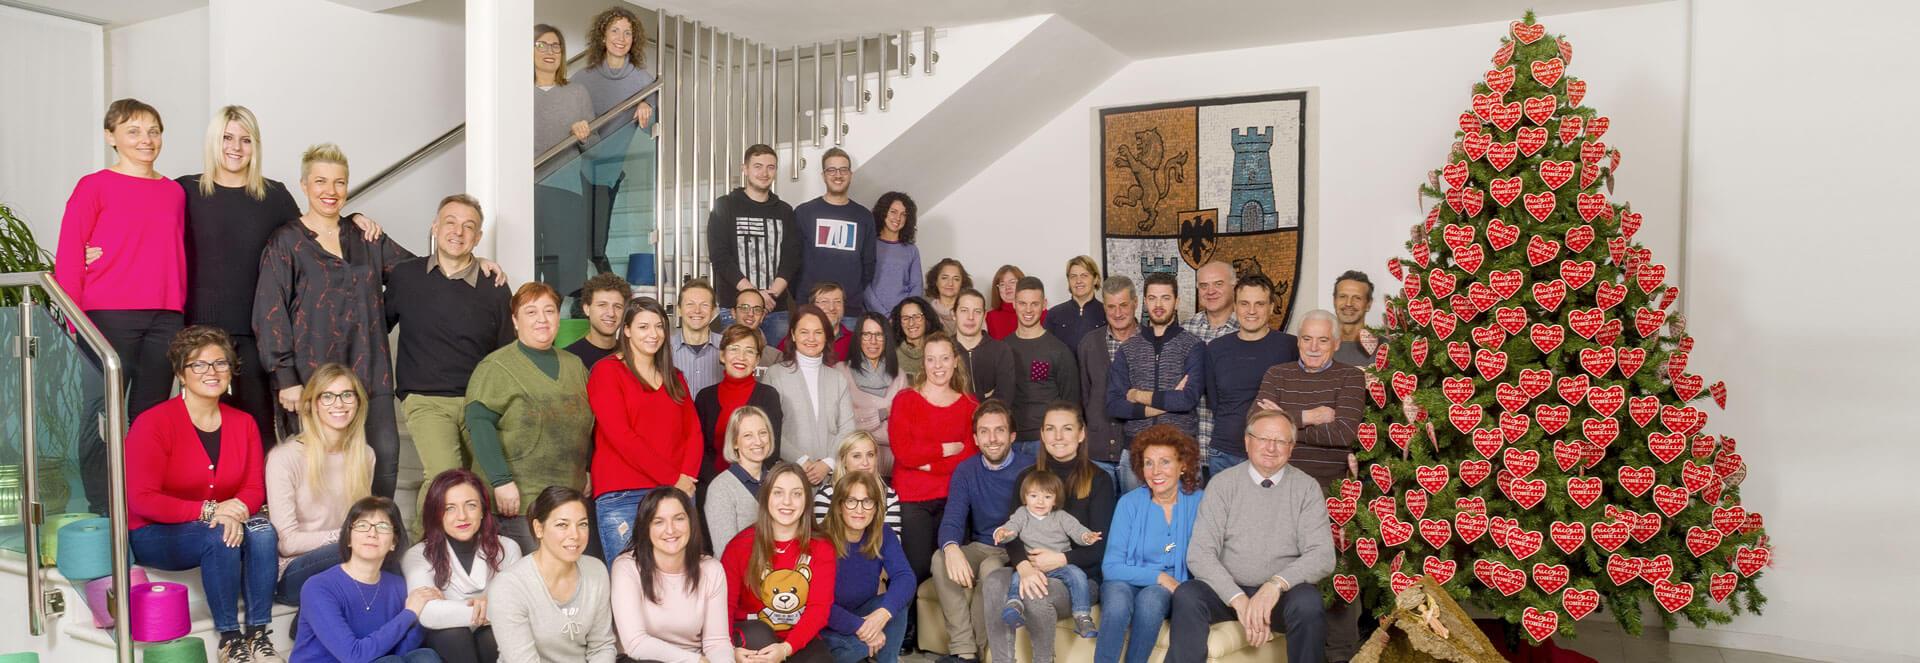 Gruppo Tonello